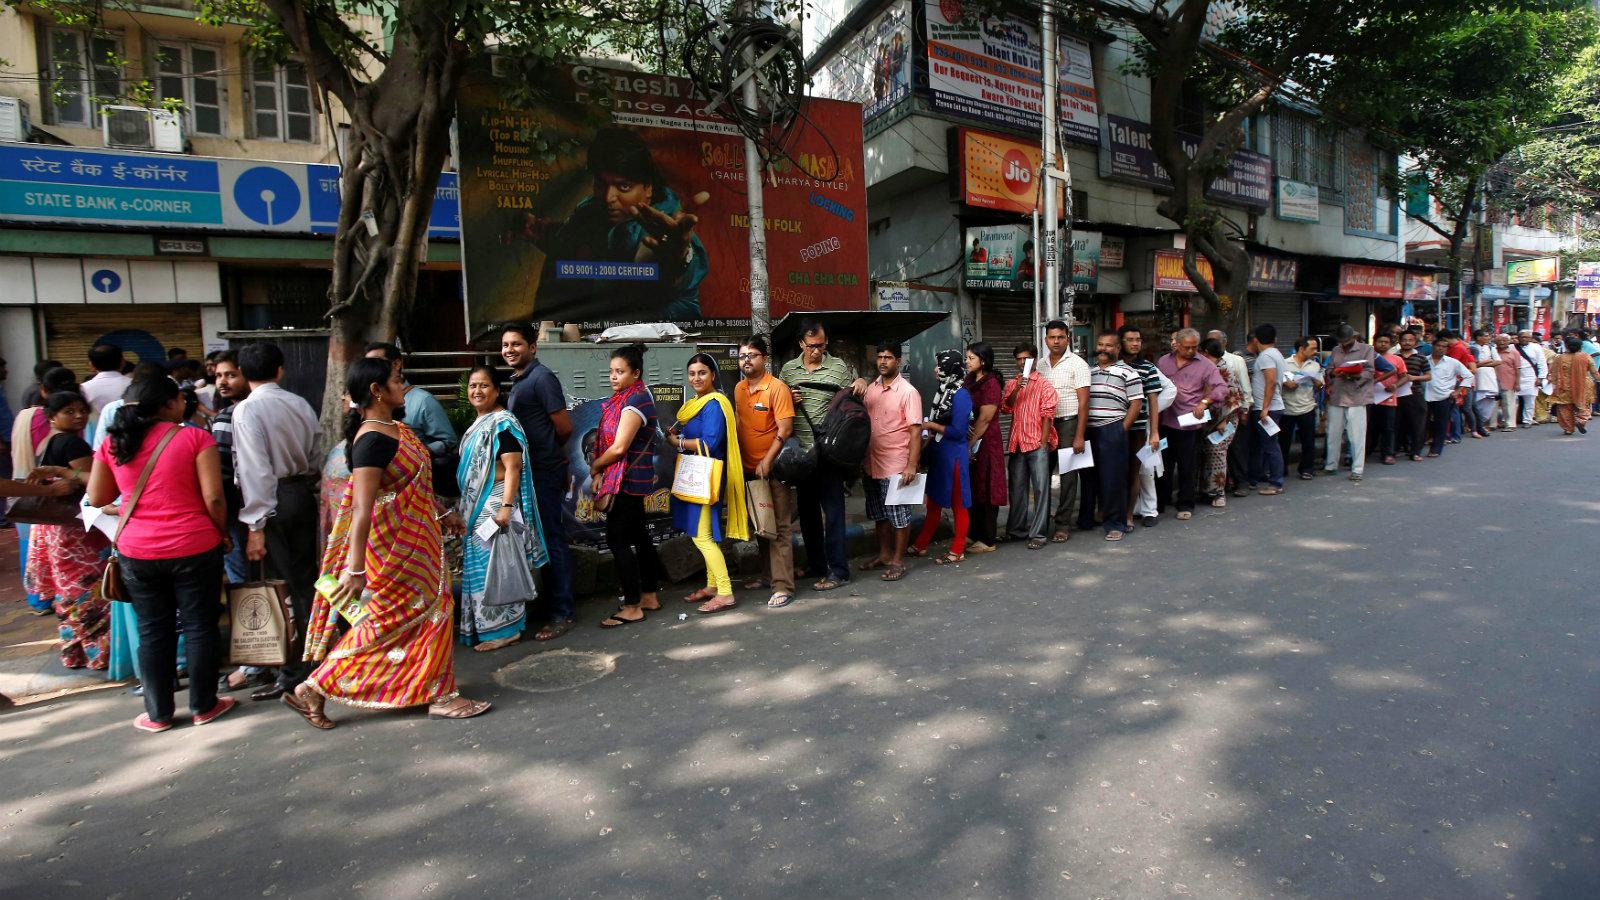 A queue to enter a bank in Kolkata, India.